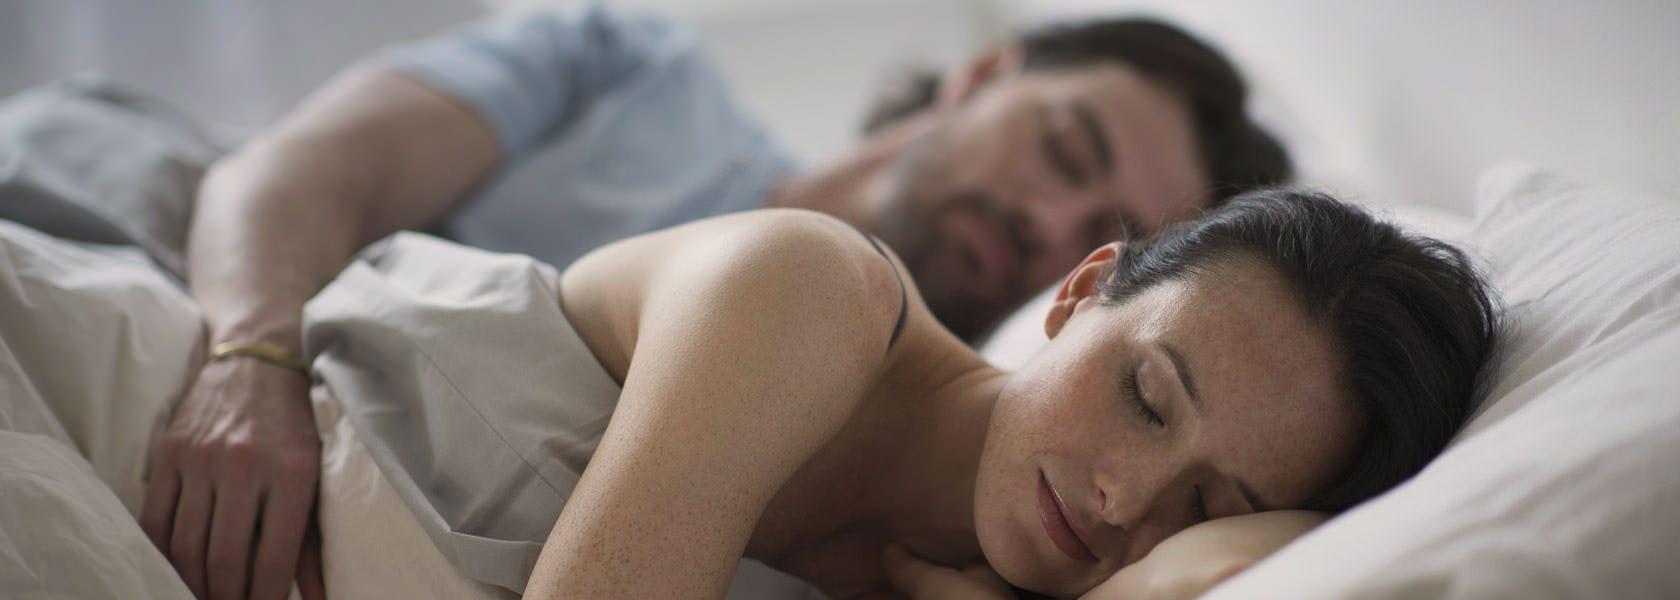 Pareja de hombre y mujer durmiendo